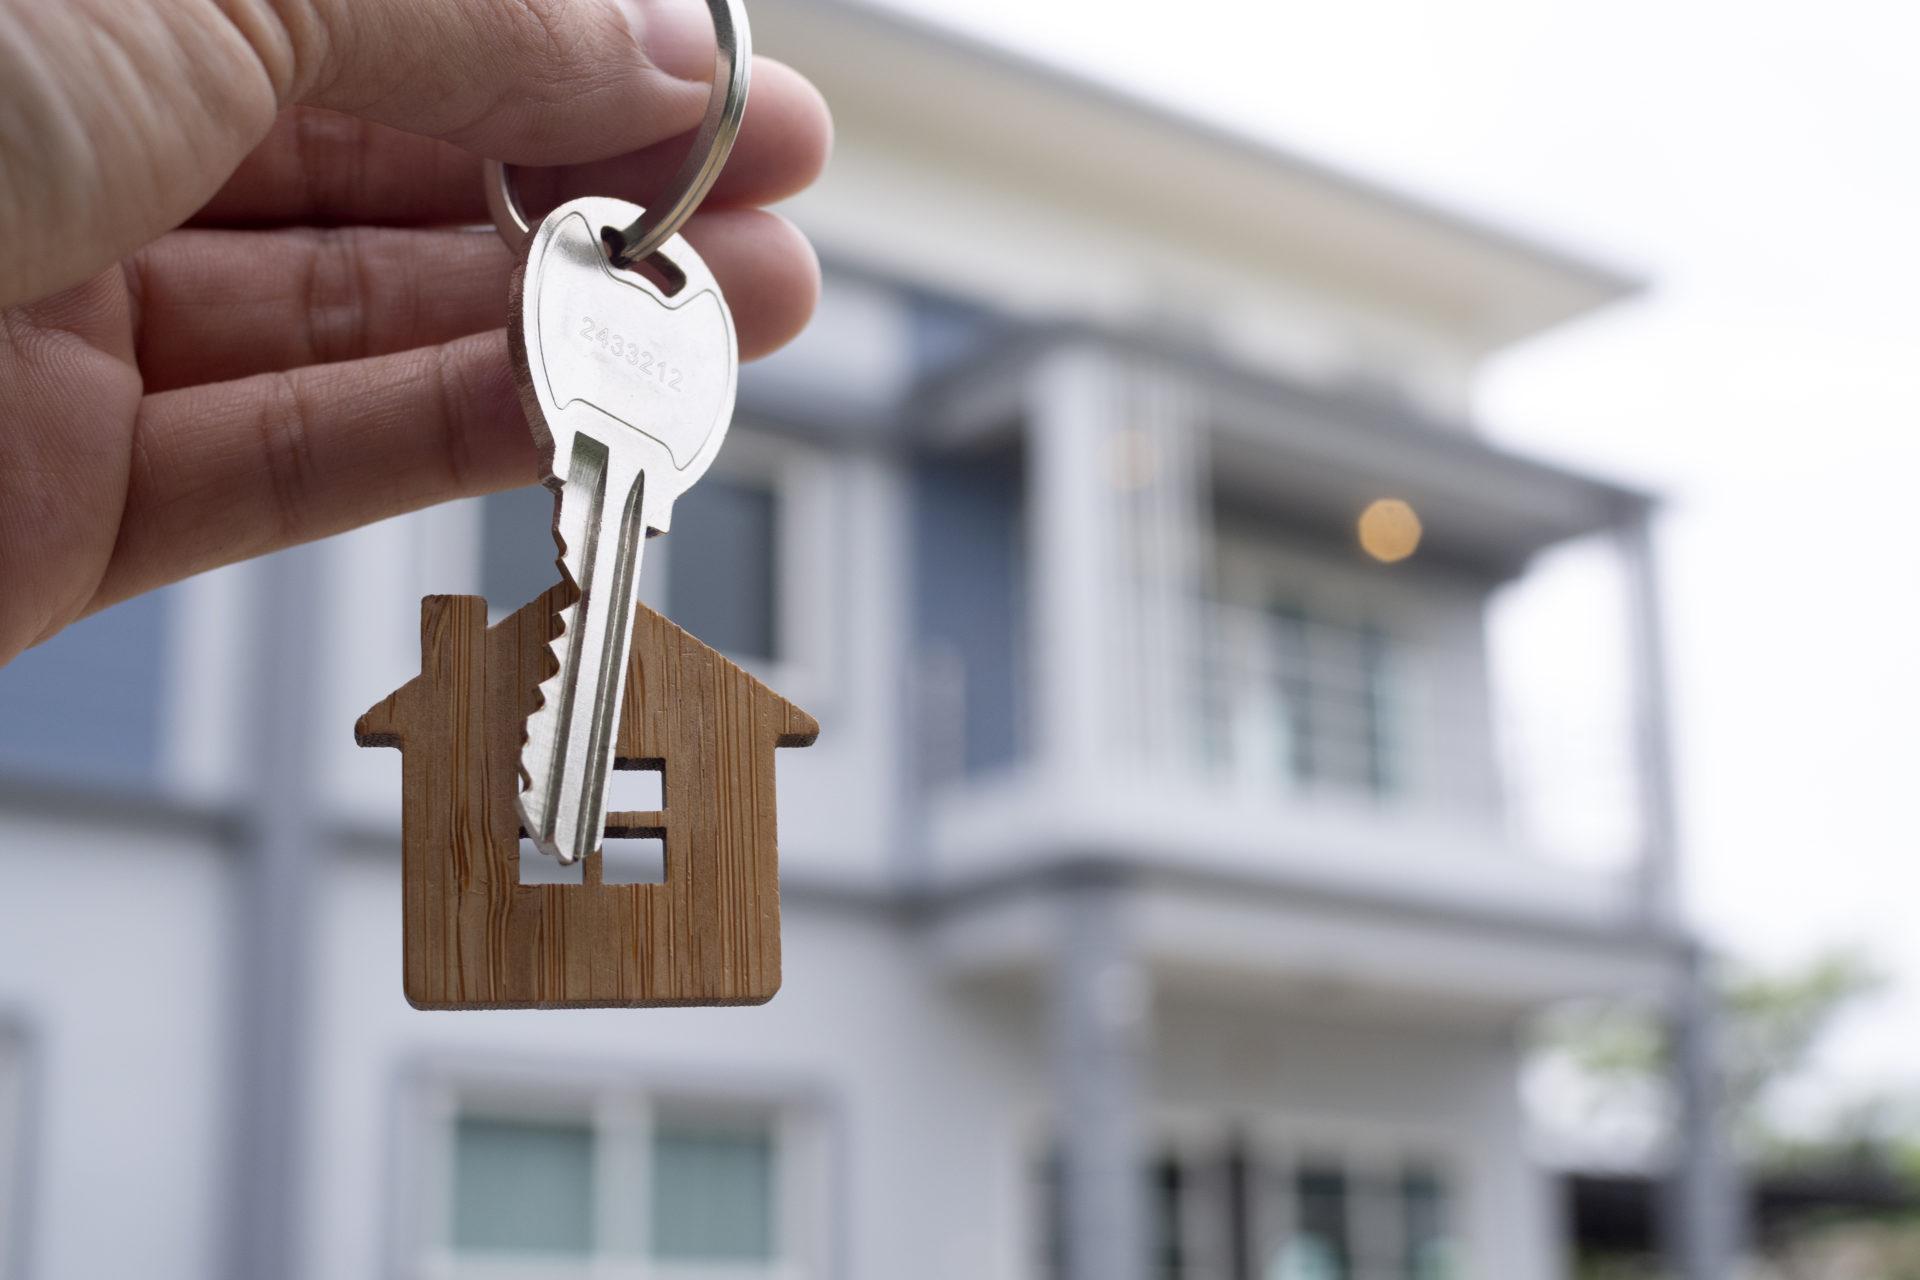 un propriétaire a investi dans l'immobilier locatif et confie les clés du logement à son locataire